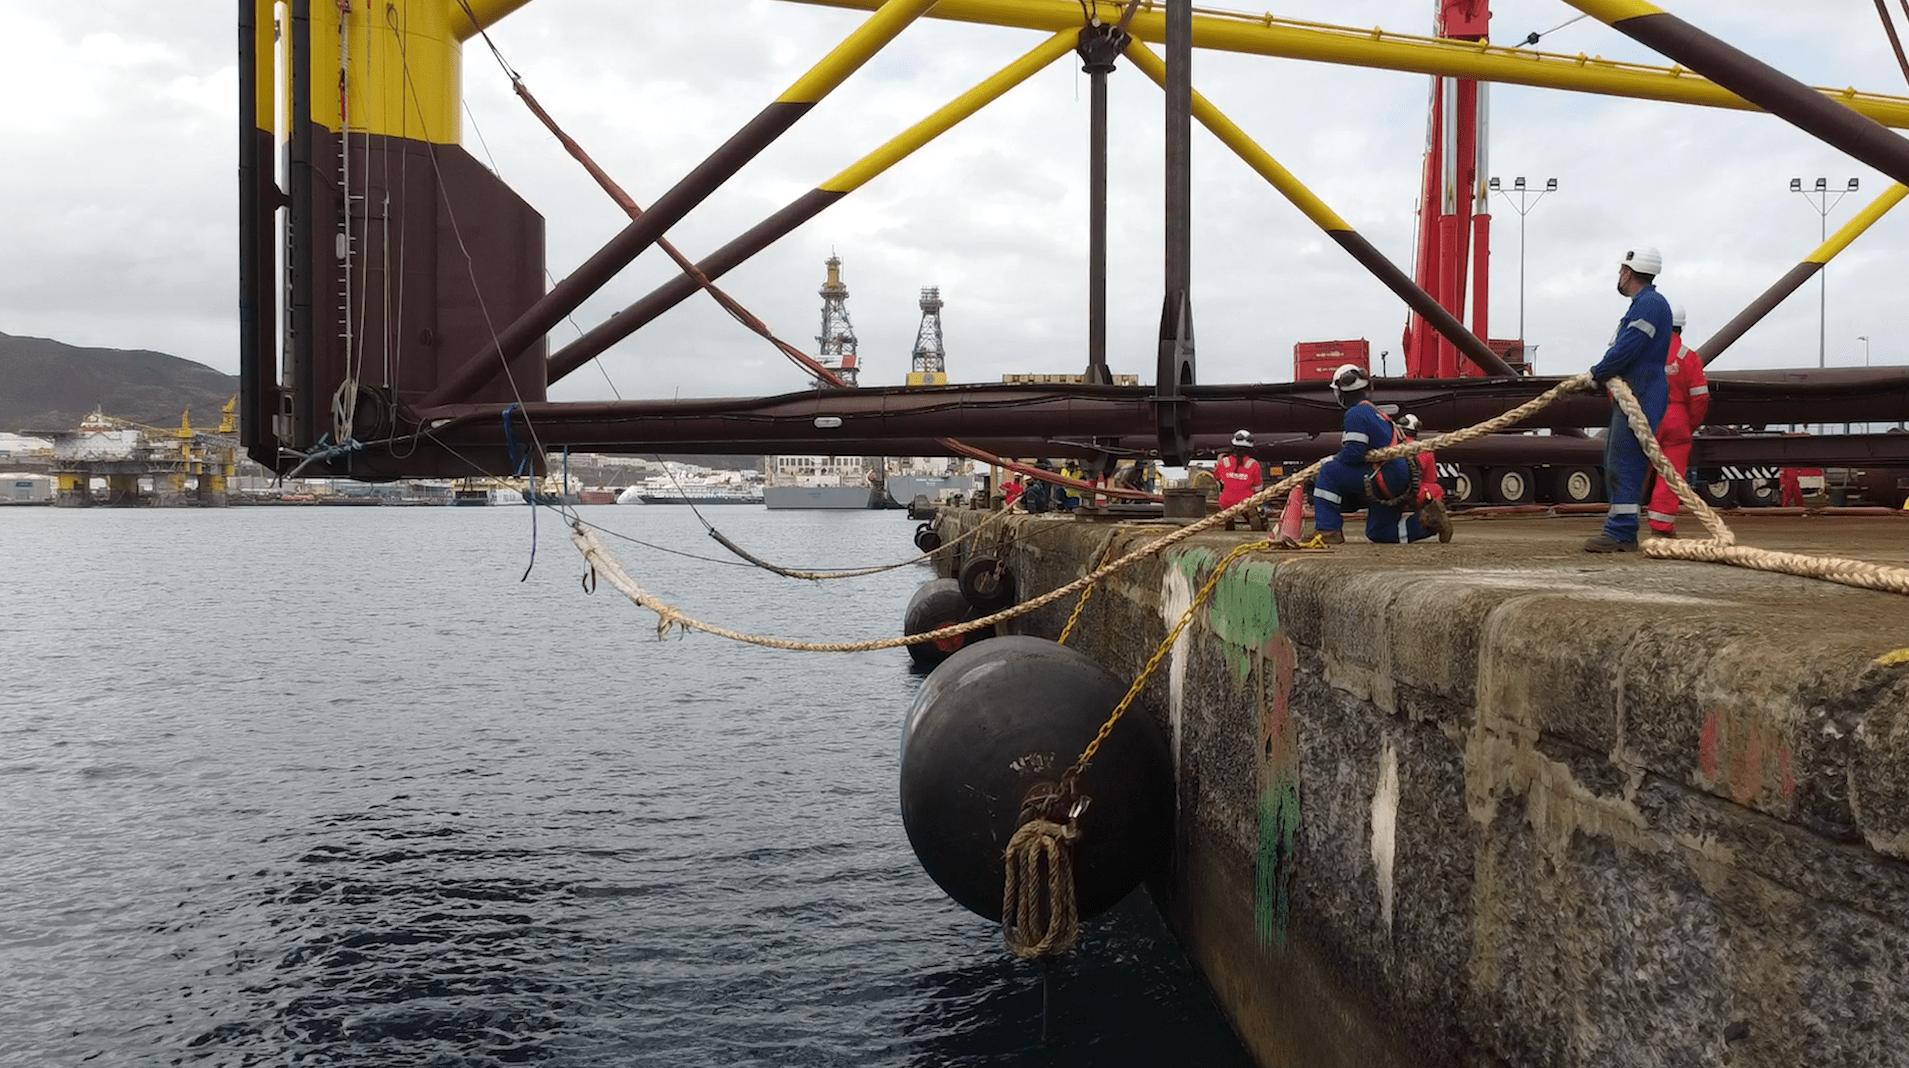 PivotBuoy Load out at Hidramar Shipyards